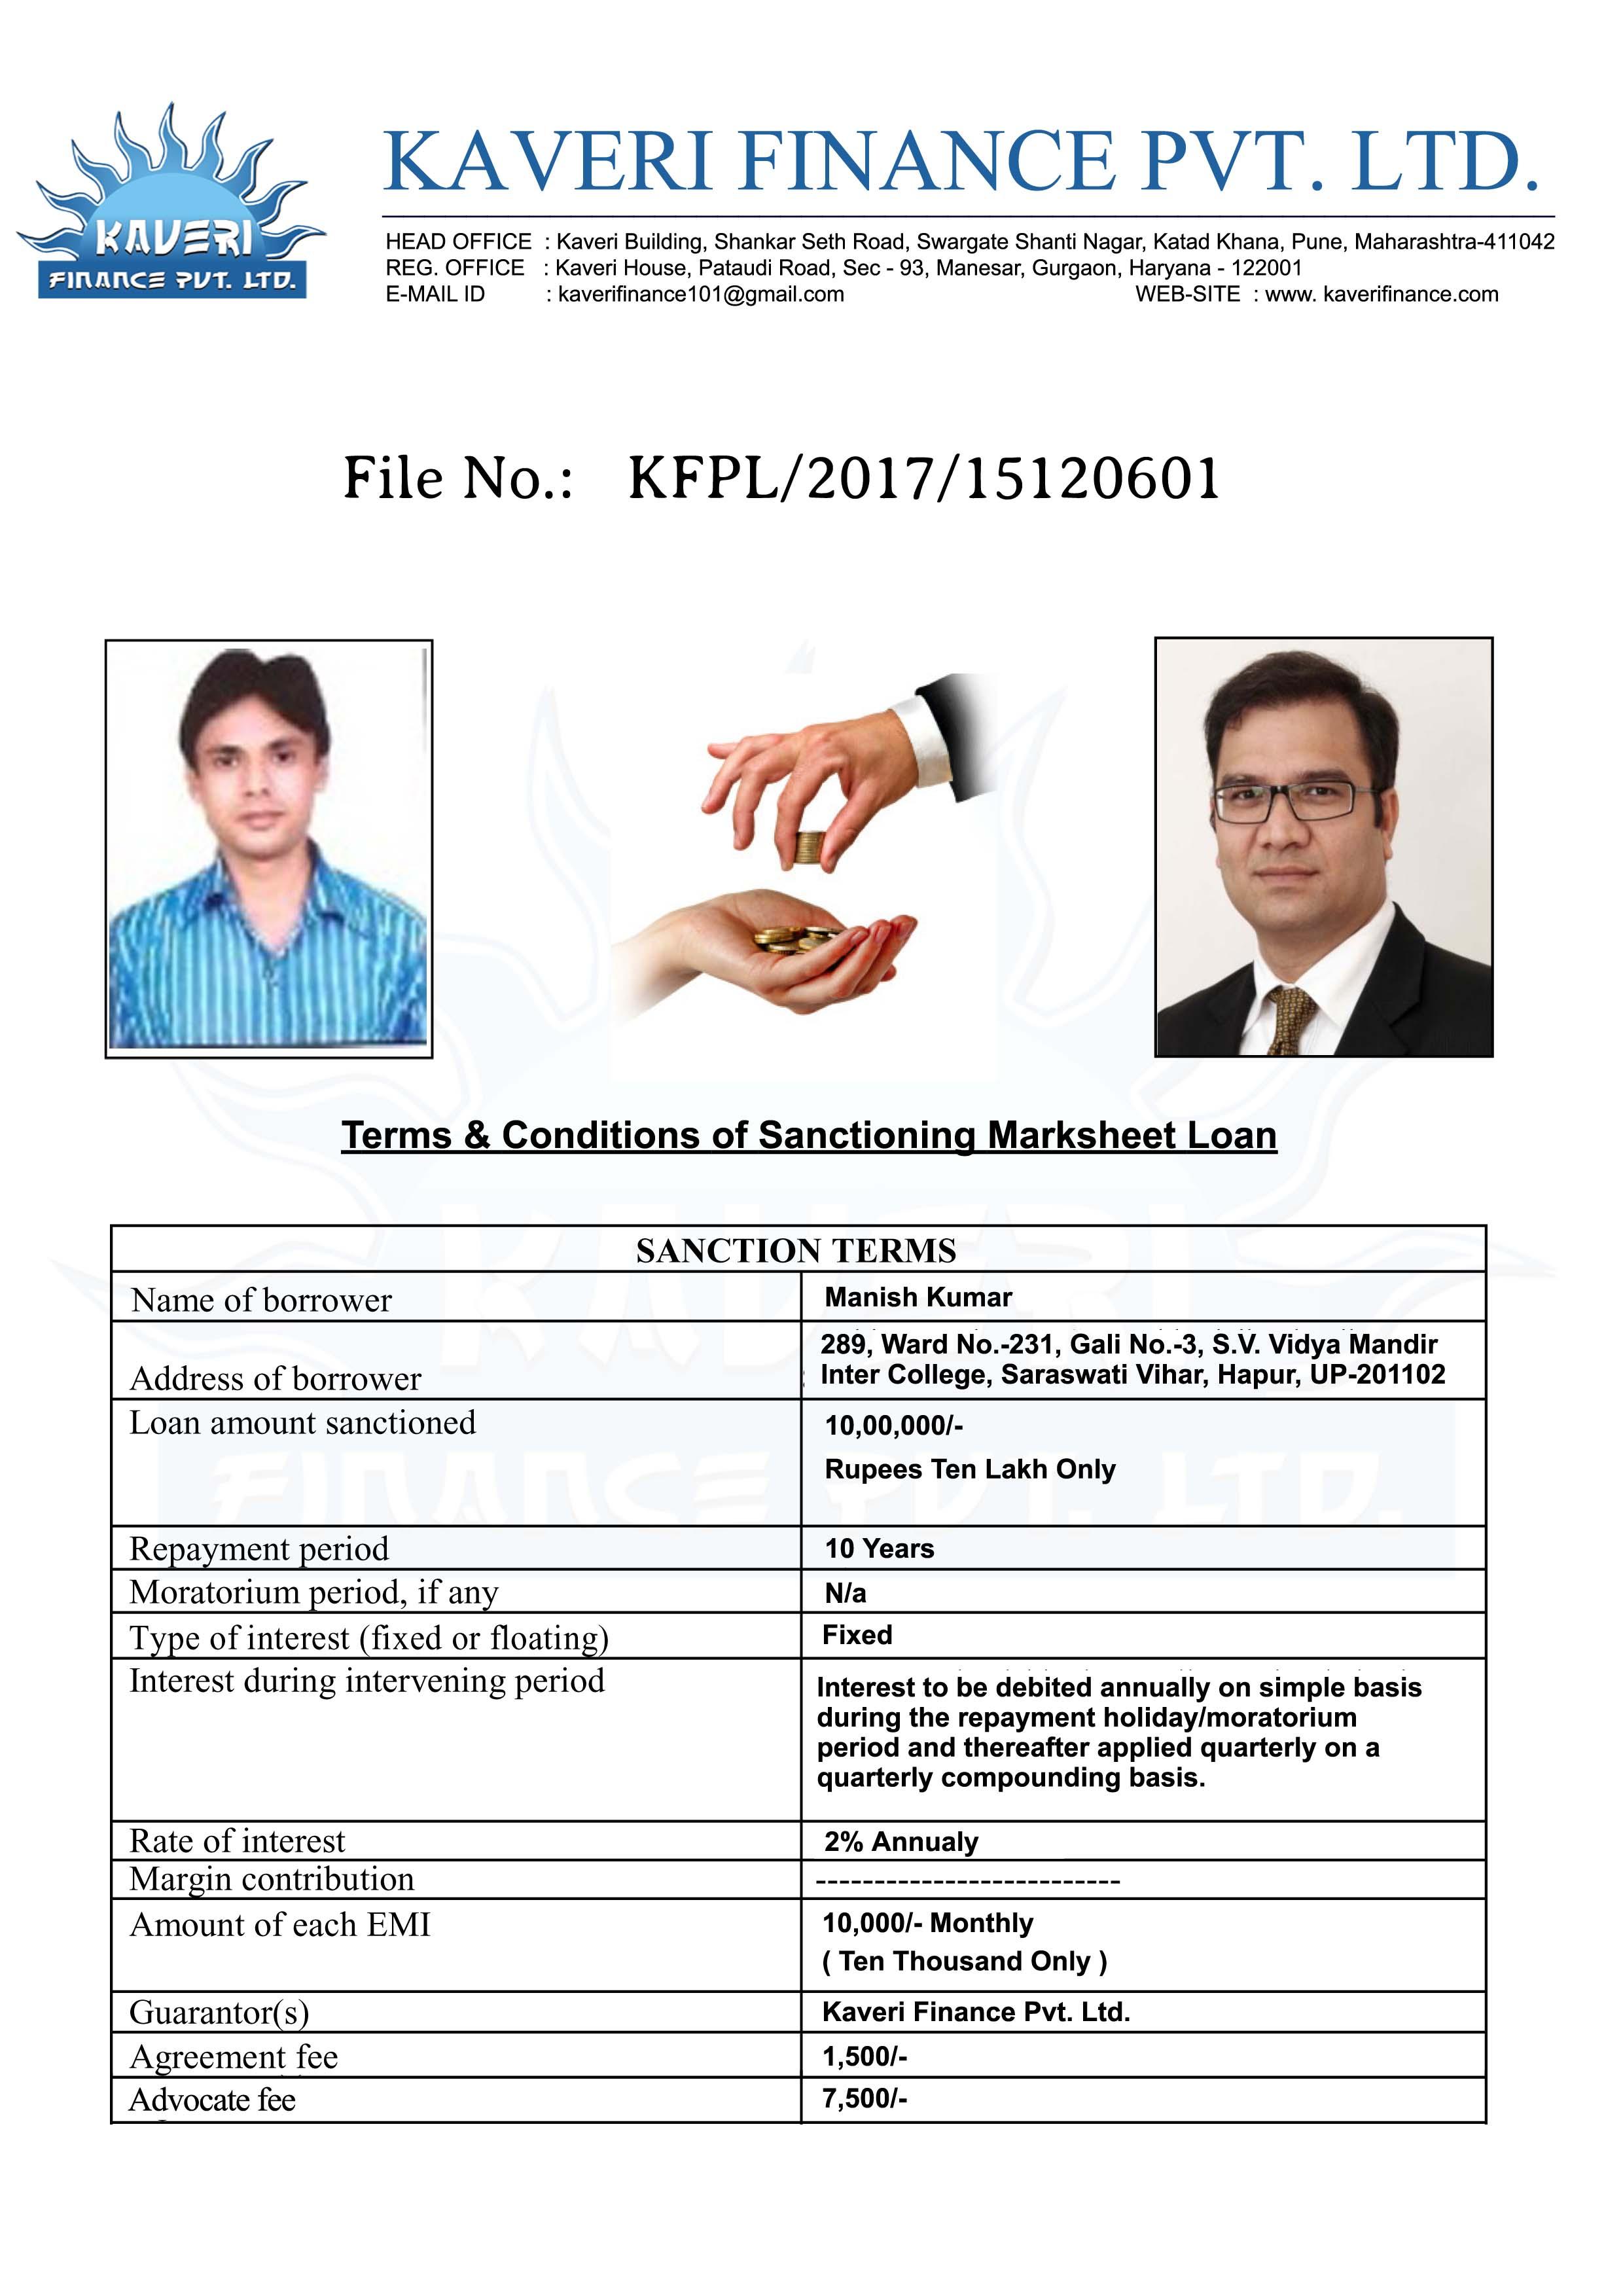 Marksheet Loan